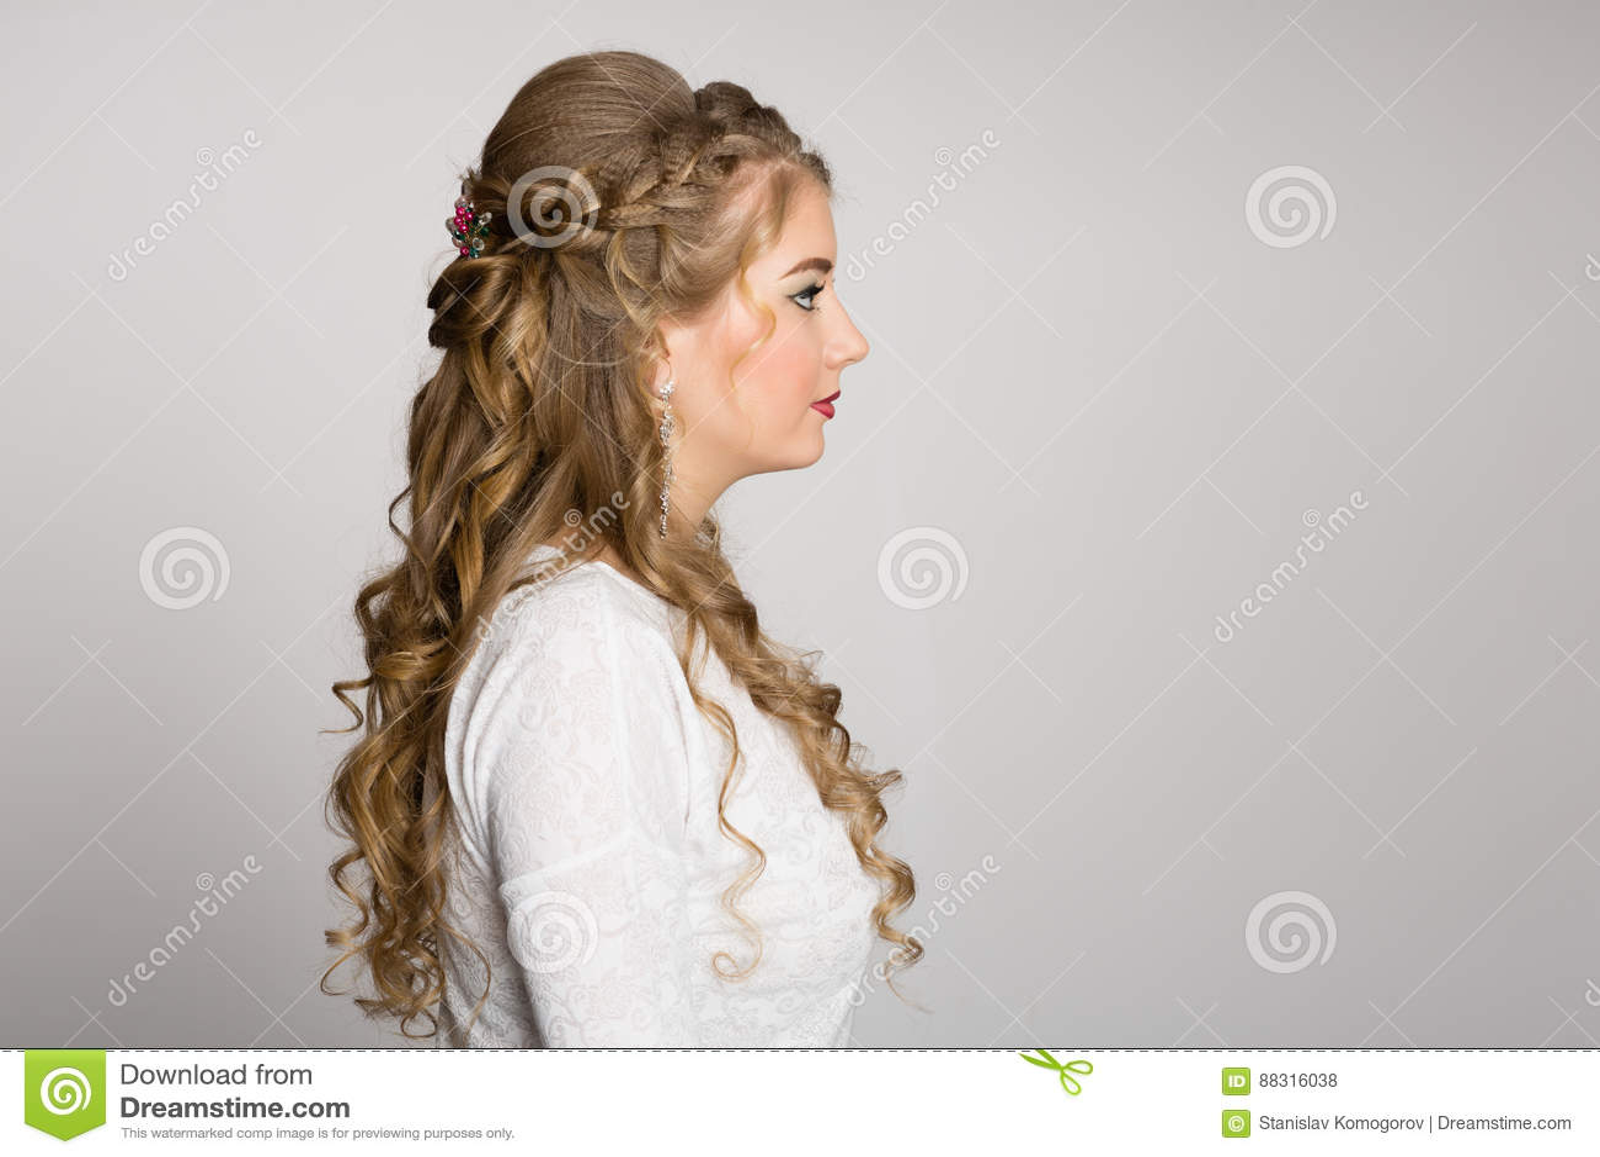 Stående av en flicka med en trendig frisyr i profil